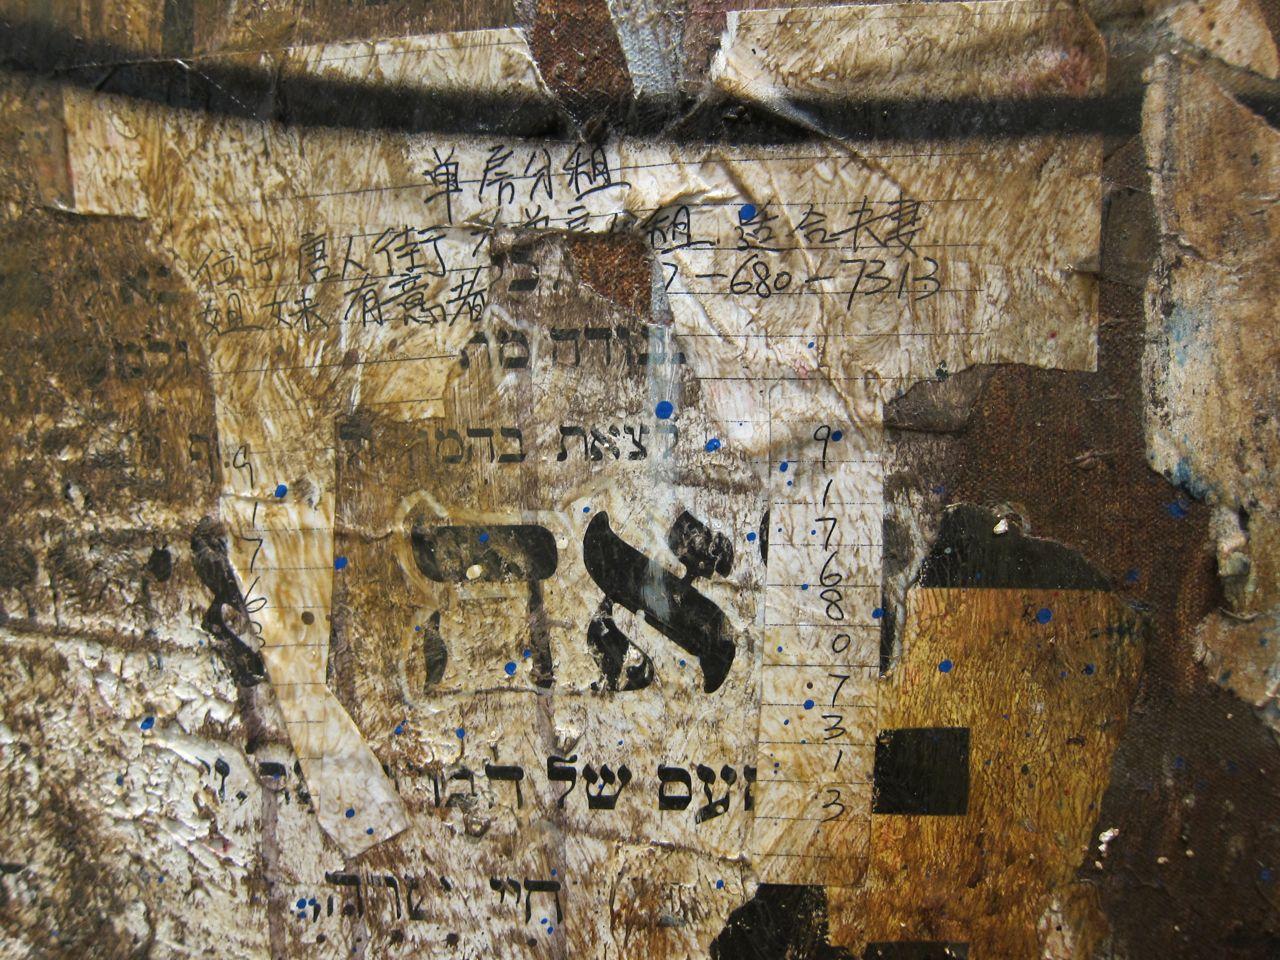 Jose Parla Bryce Wolkowitz AM 42